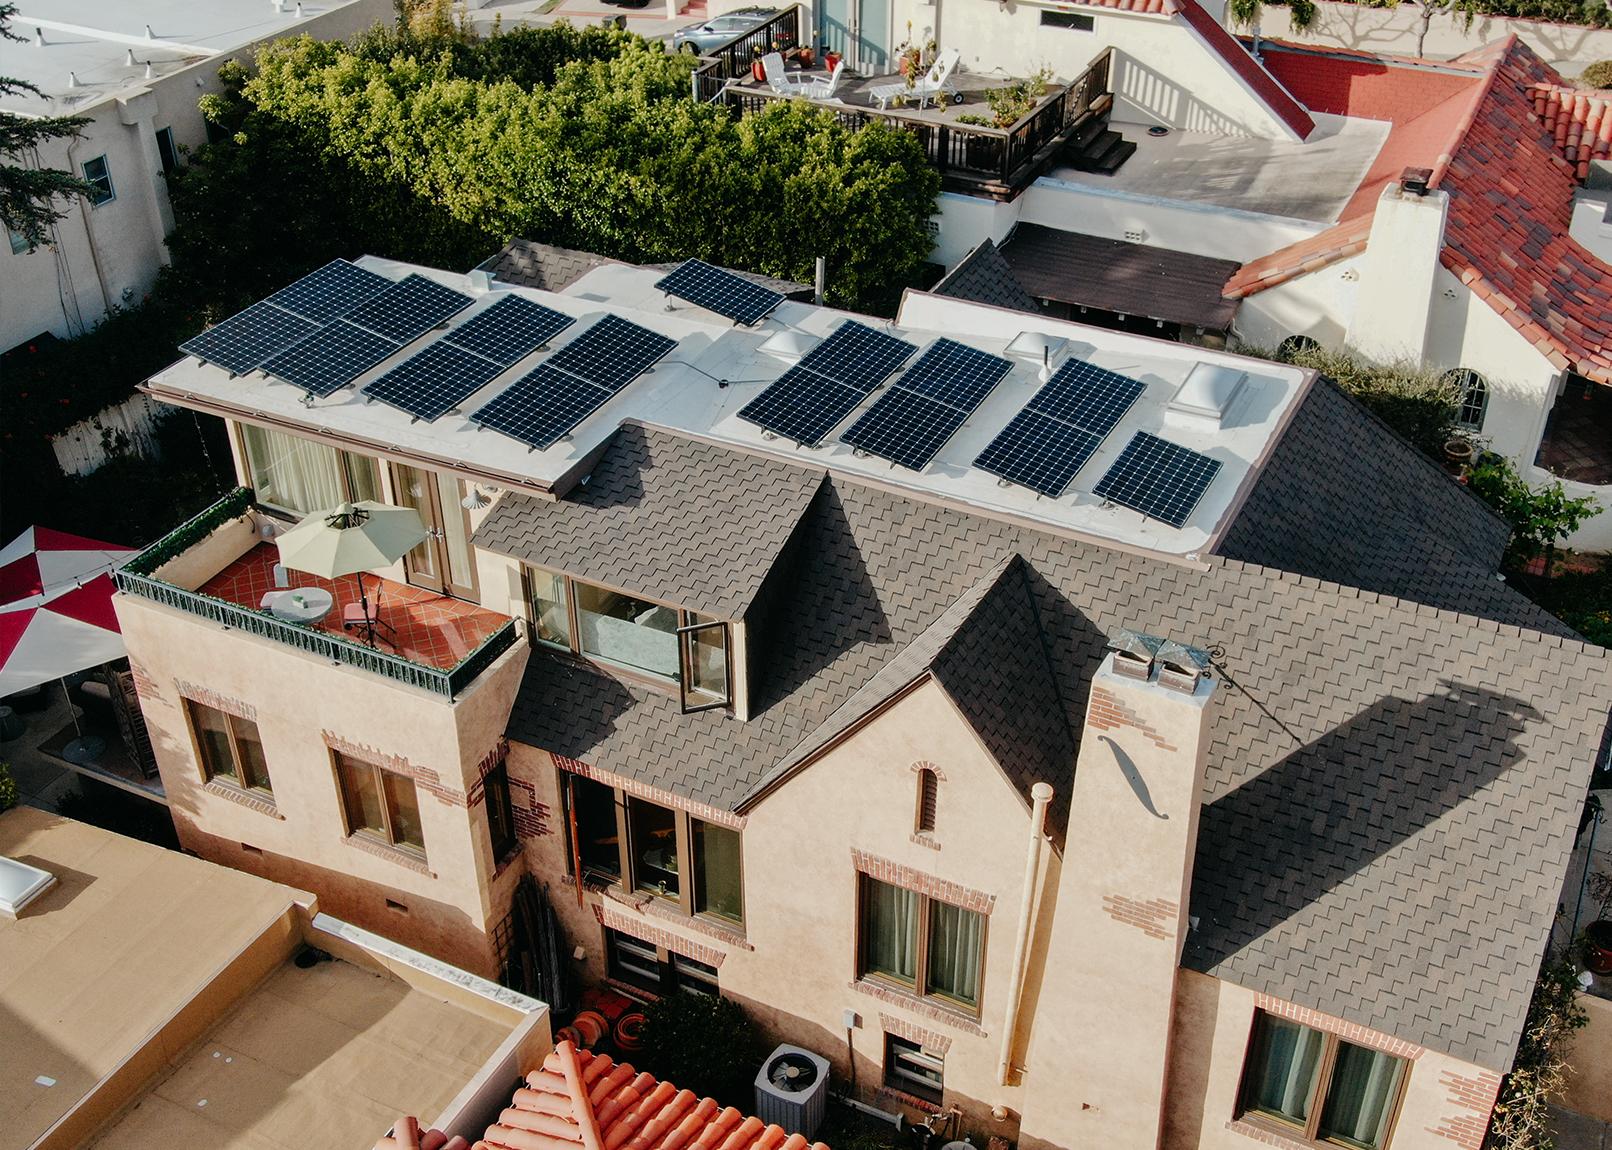 skylight installation on flat roof